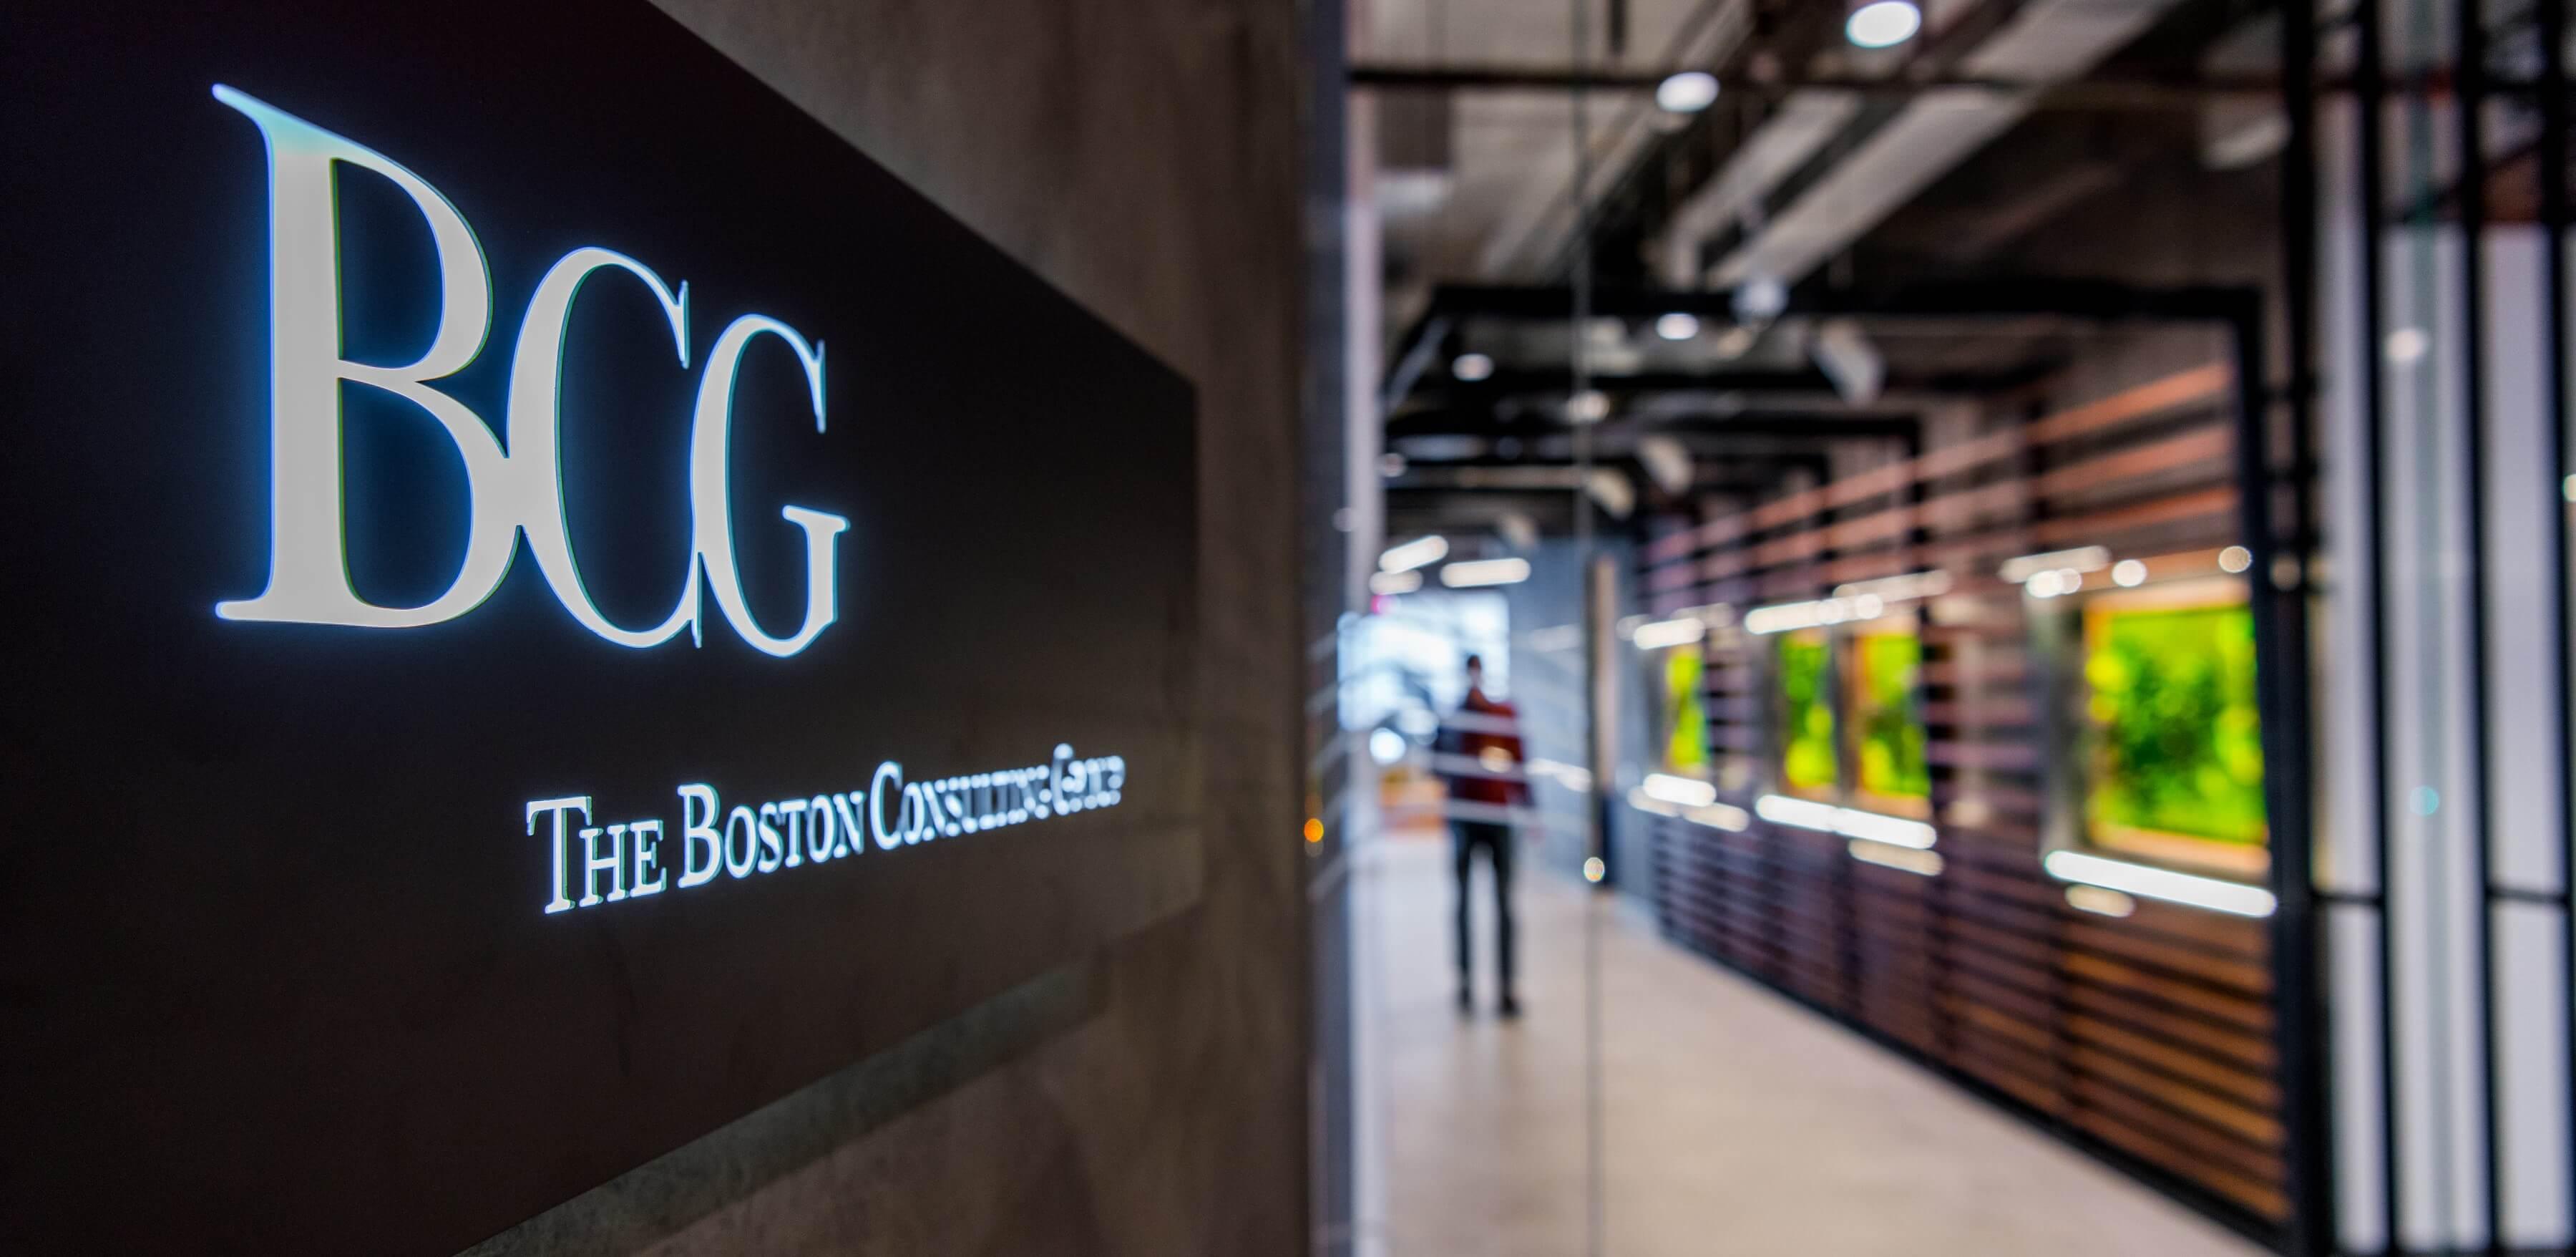 Boston Consulting Group cho biết Blockchain trong giao dịch hàng hóa là Overhyped